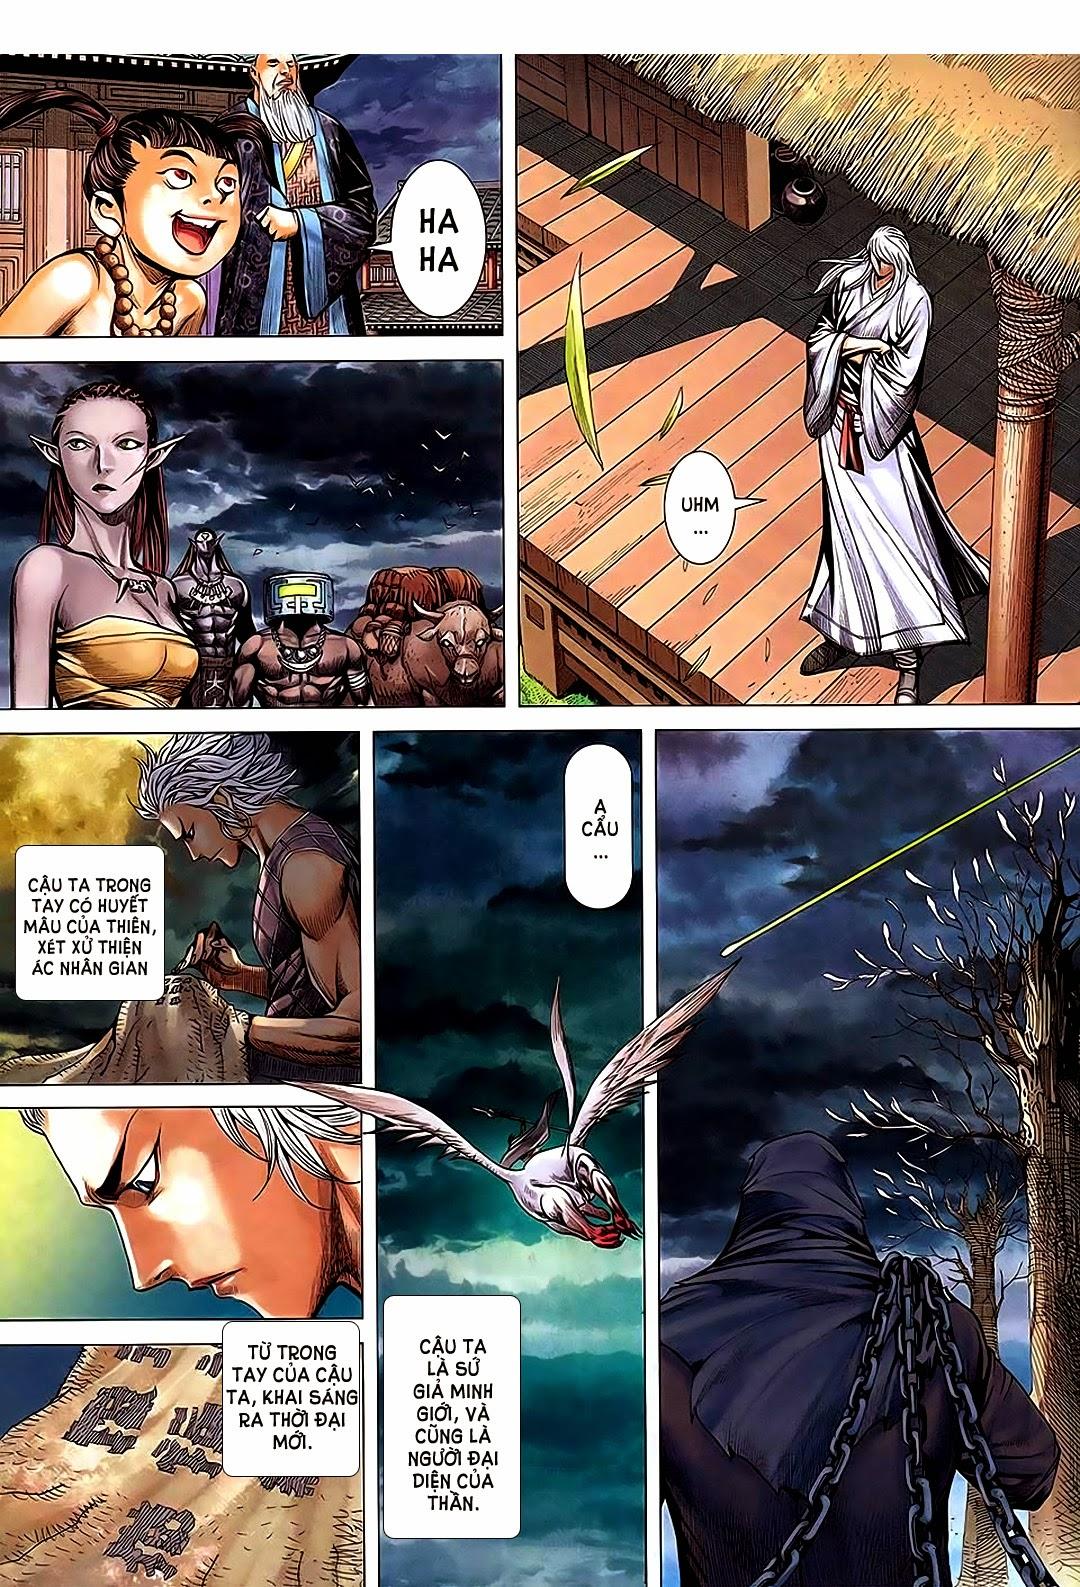 Phong Thần Ký Chap 182 - Trang 34